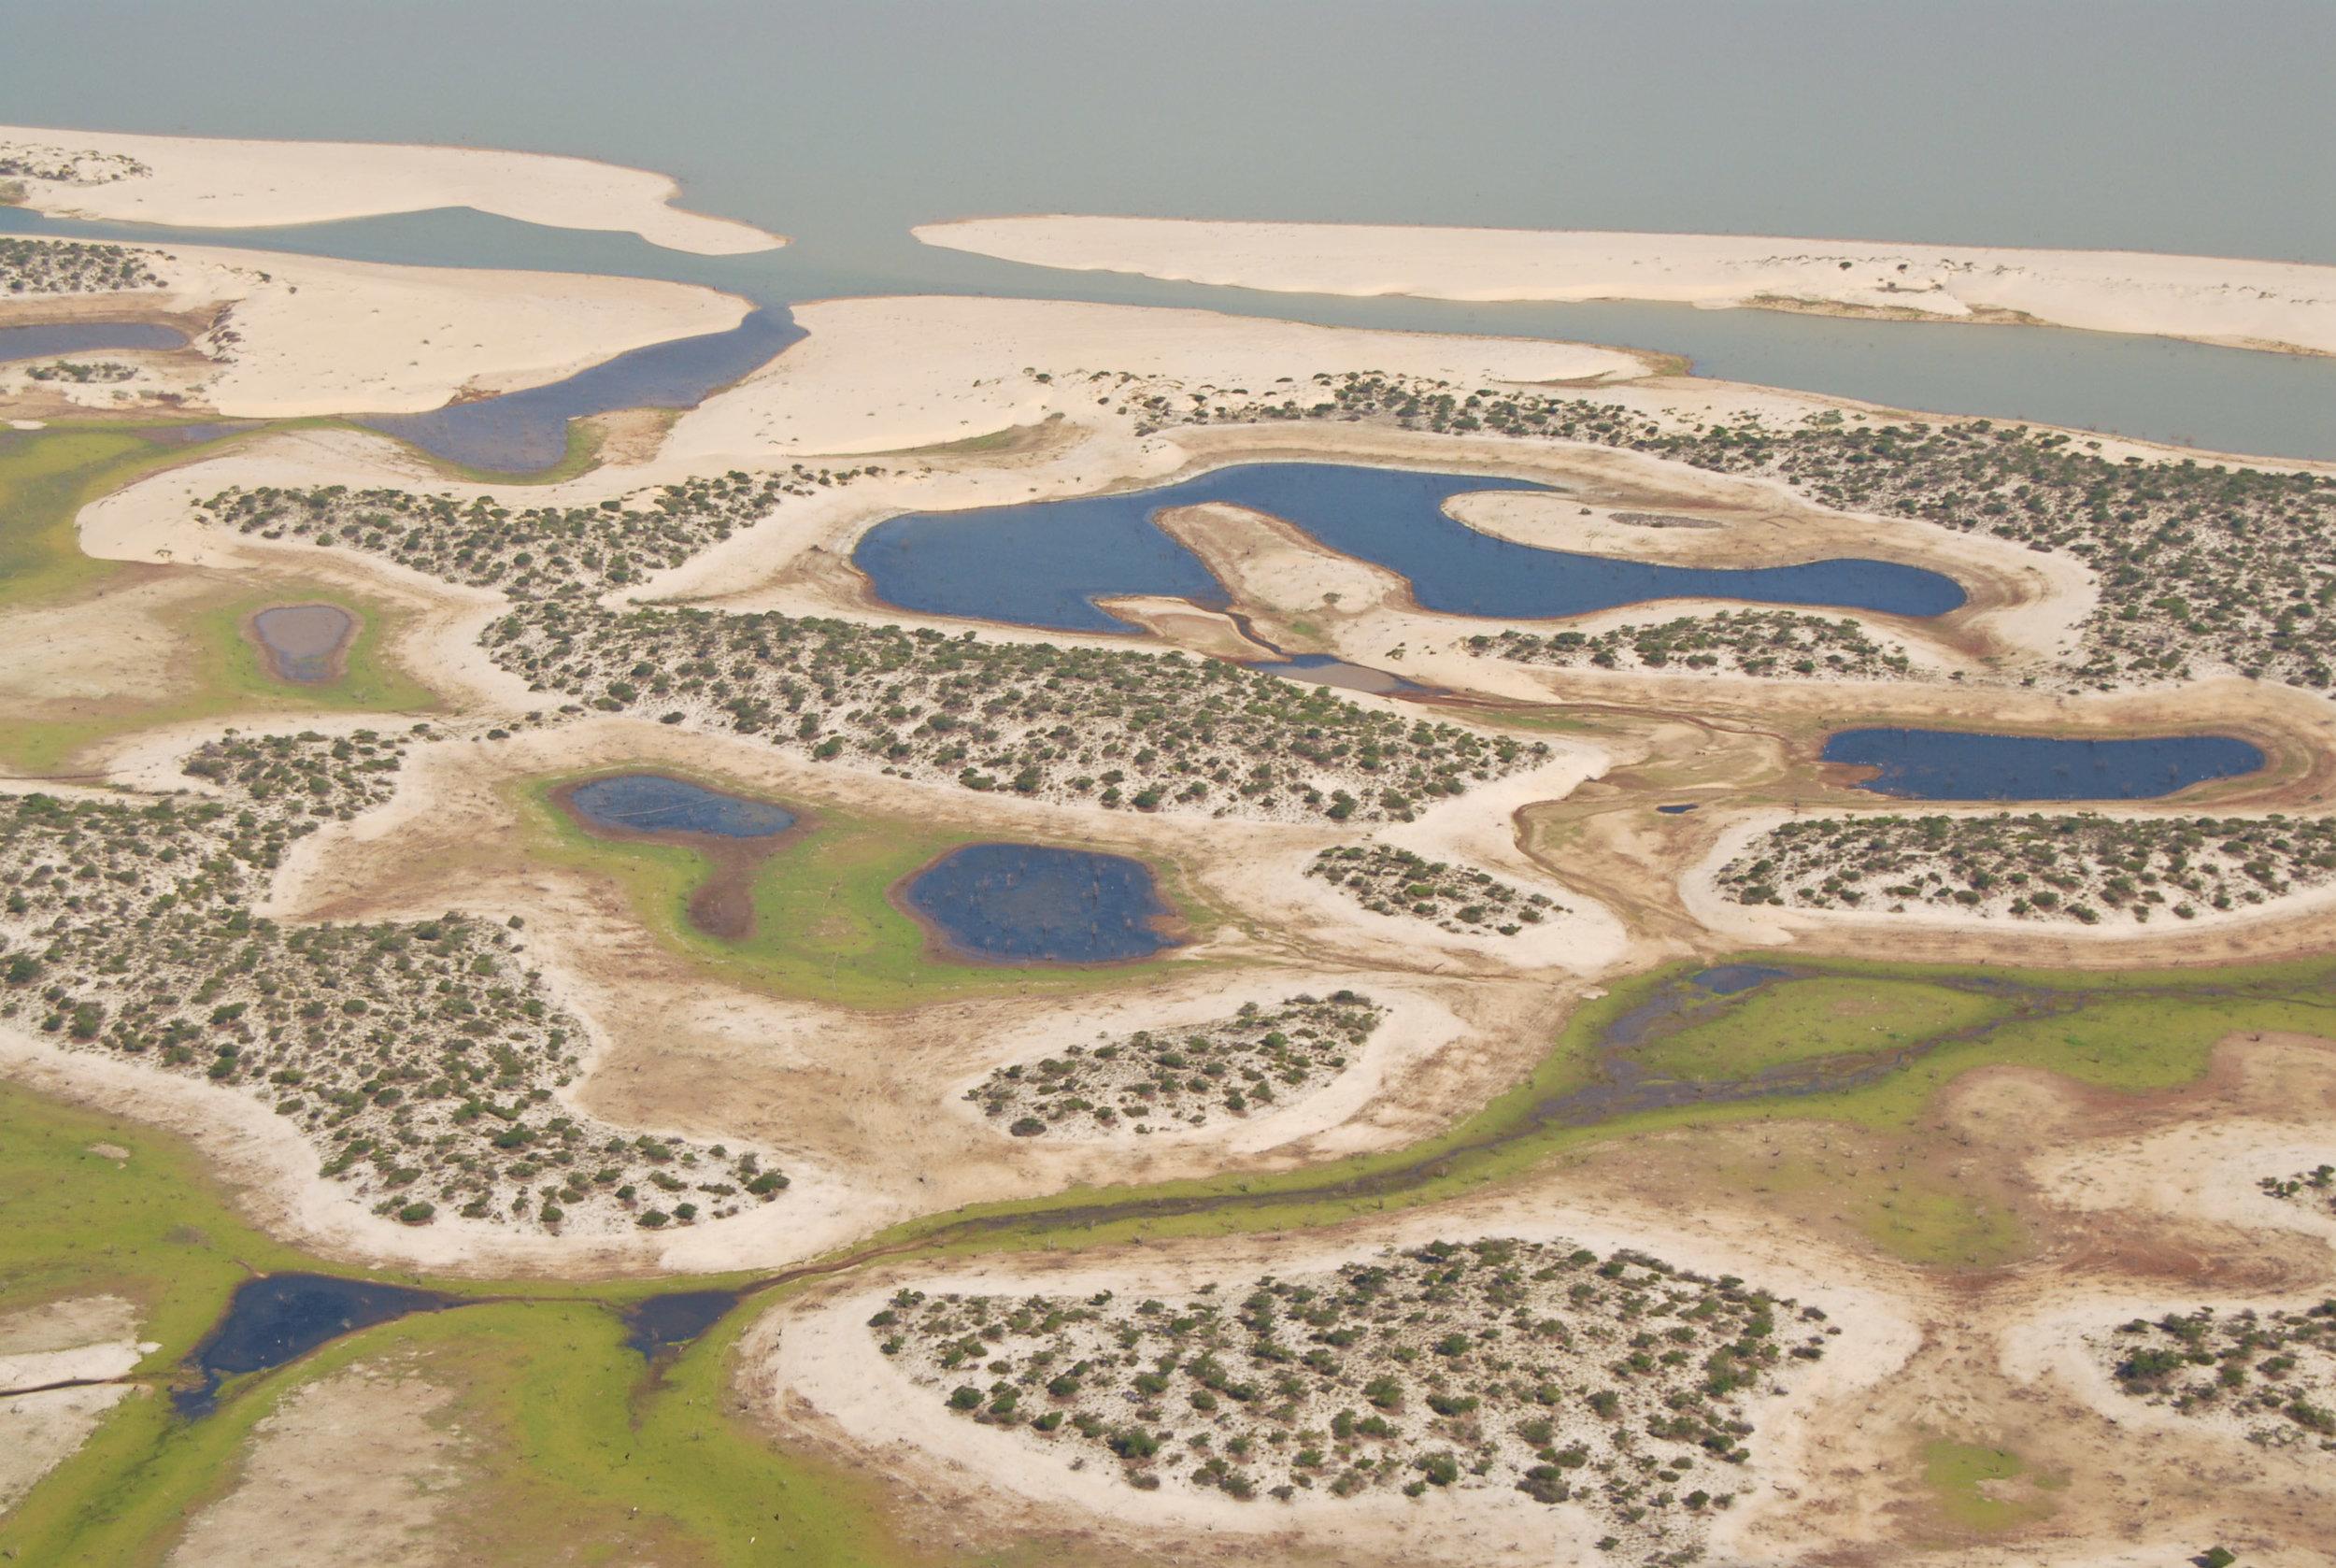 Fotografia aérea do leito seco da represa de Sobradinho no rio São Francisco, Bahia / Imagem por Margi Moss Acervo Projeto Brasil das Águas